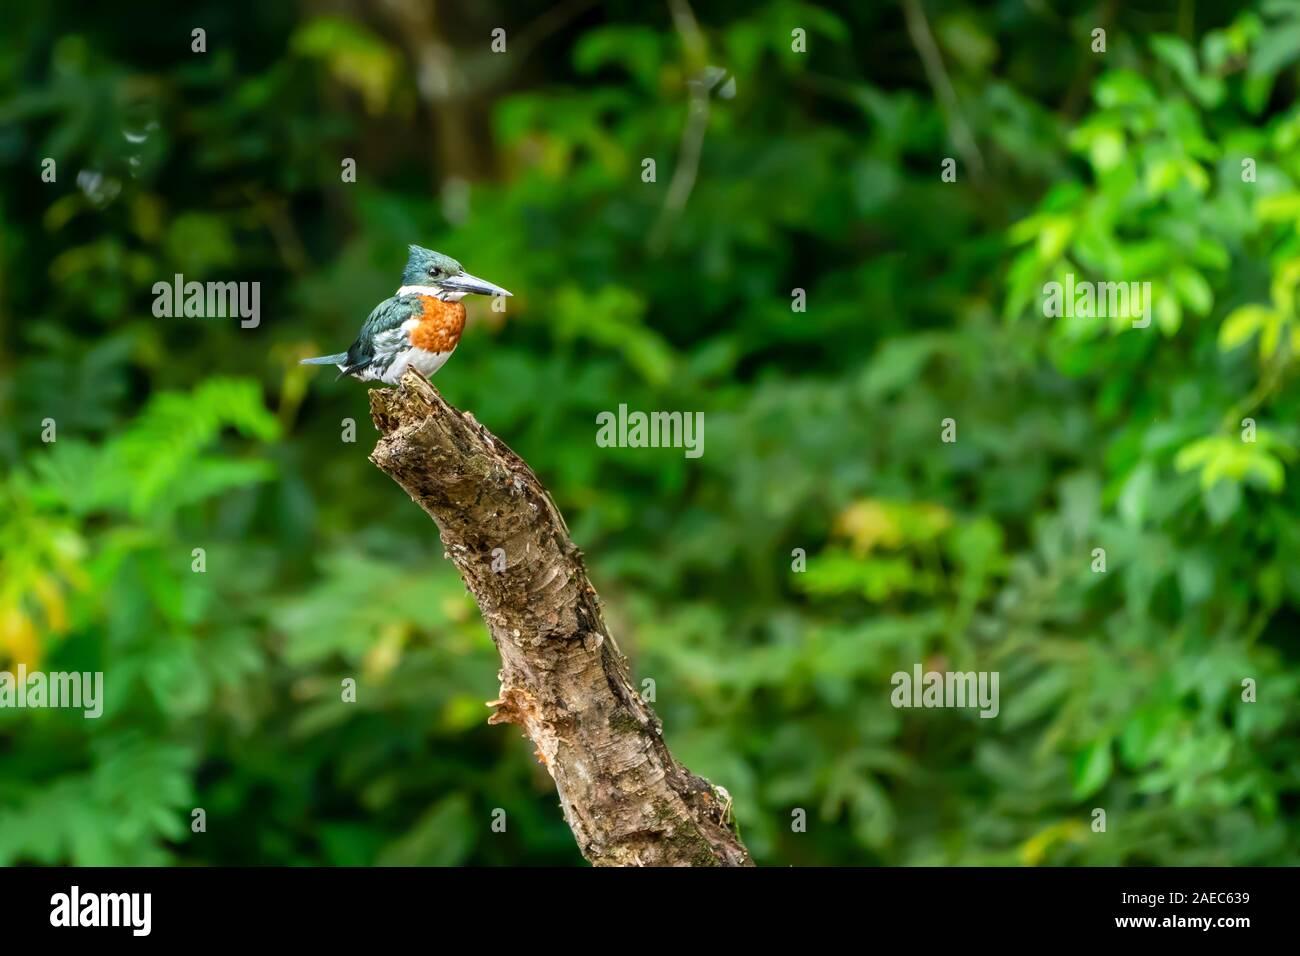 Martín pescador anillado (Megaceryle torquata) donde se posan en un árbol. Este kingfisher habita humedales en Sudamérica, donde se posan encima de lagos y lento r Foto de stock